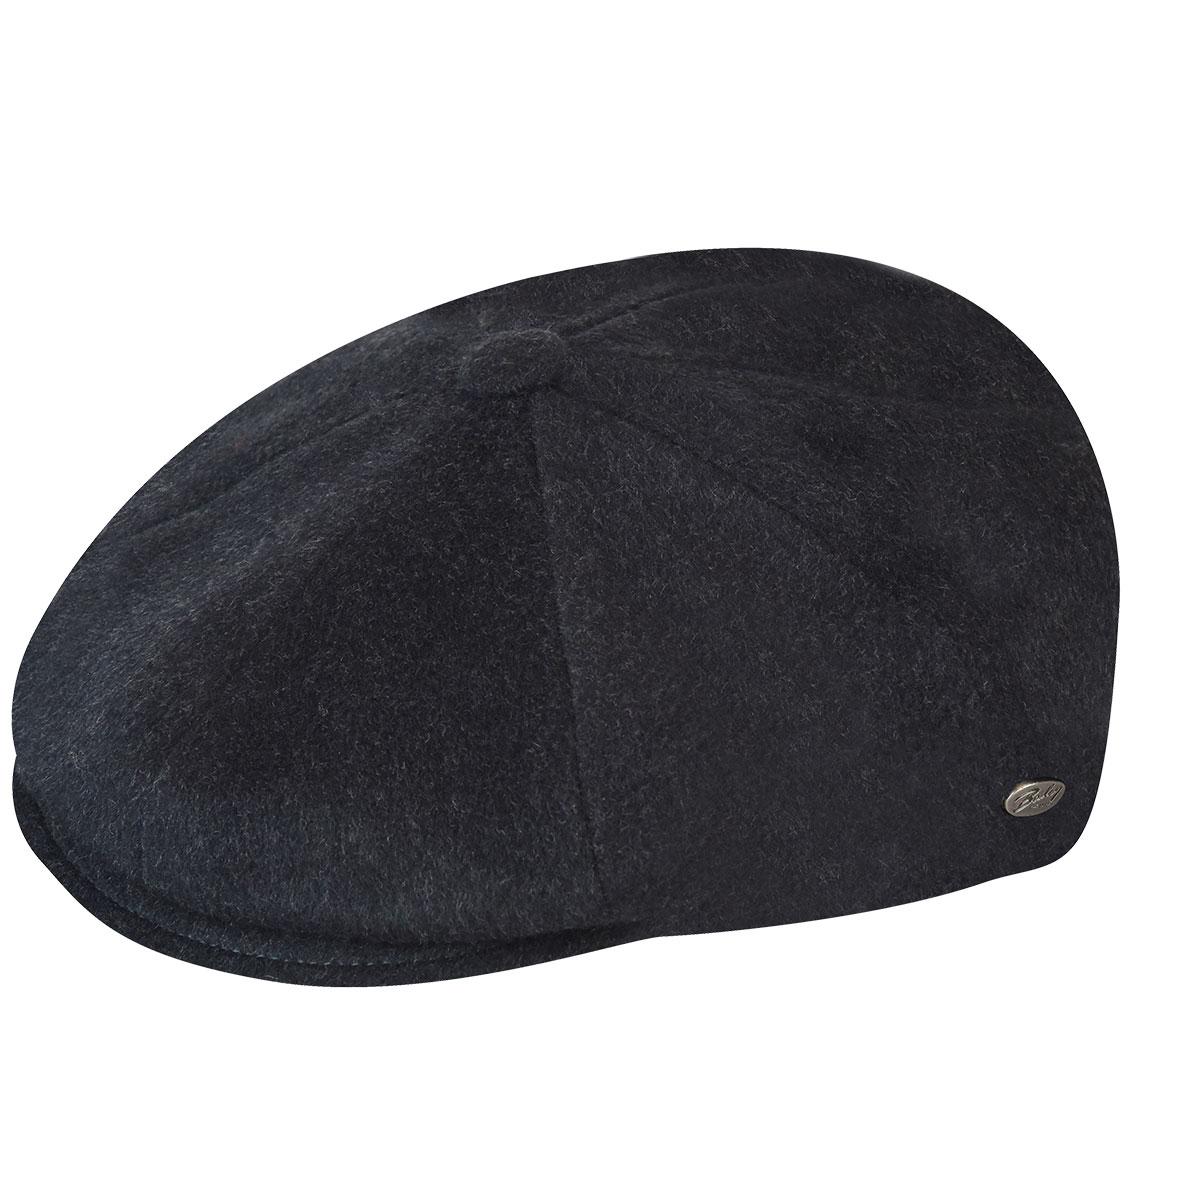 Galvin Solid Wool Cap - Grey/L